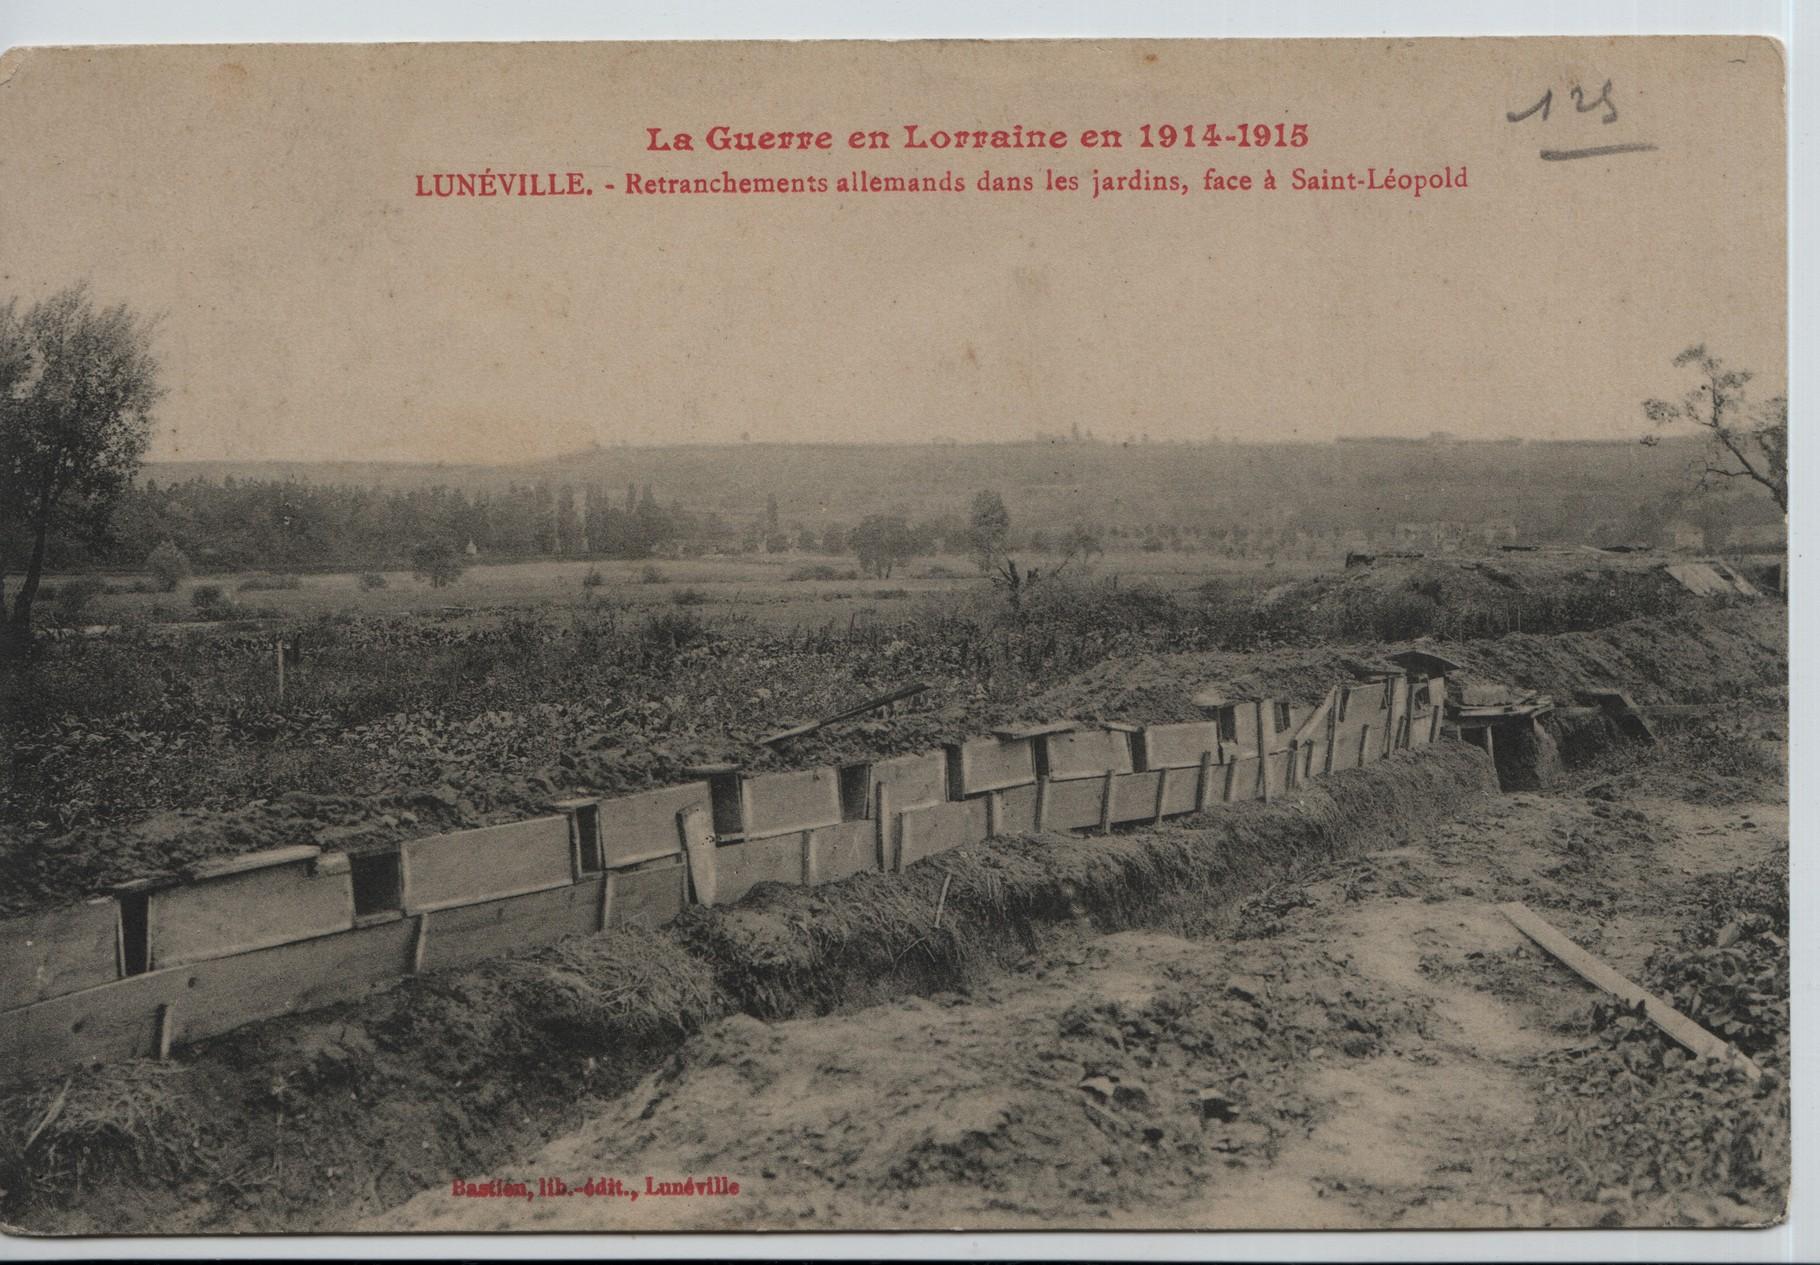 3. 30th May 1915